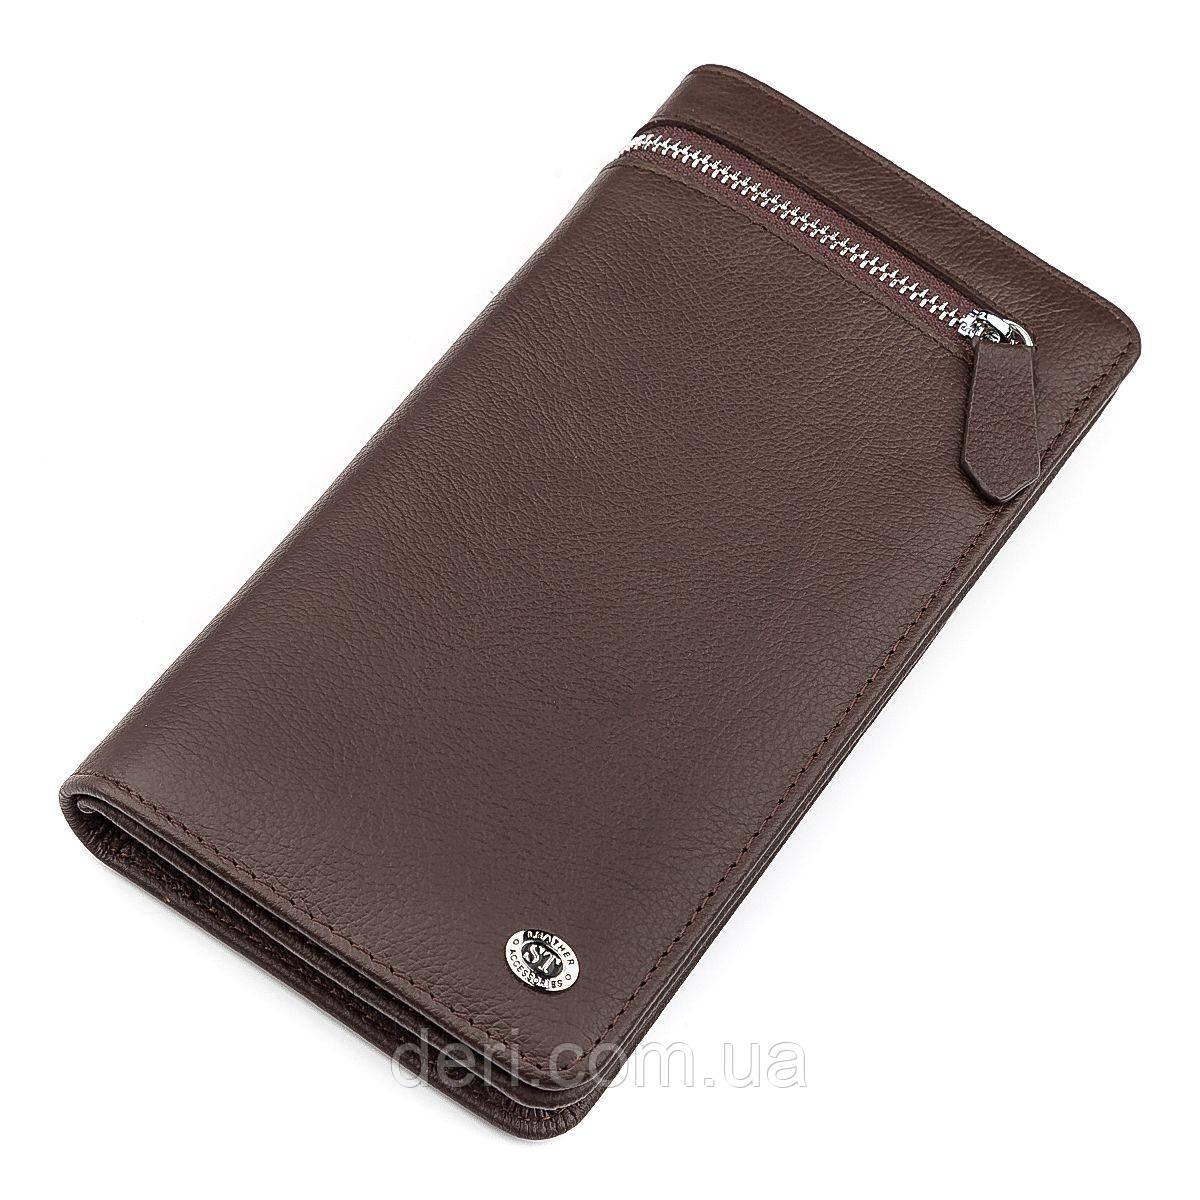 Мужской кошелек ST Leather стильный , Коричневый